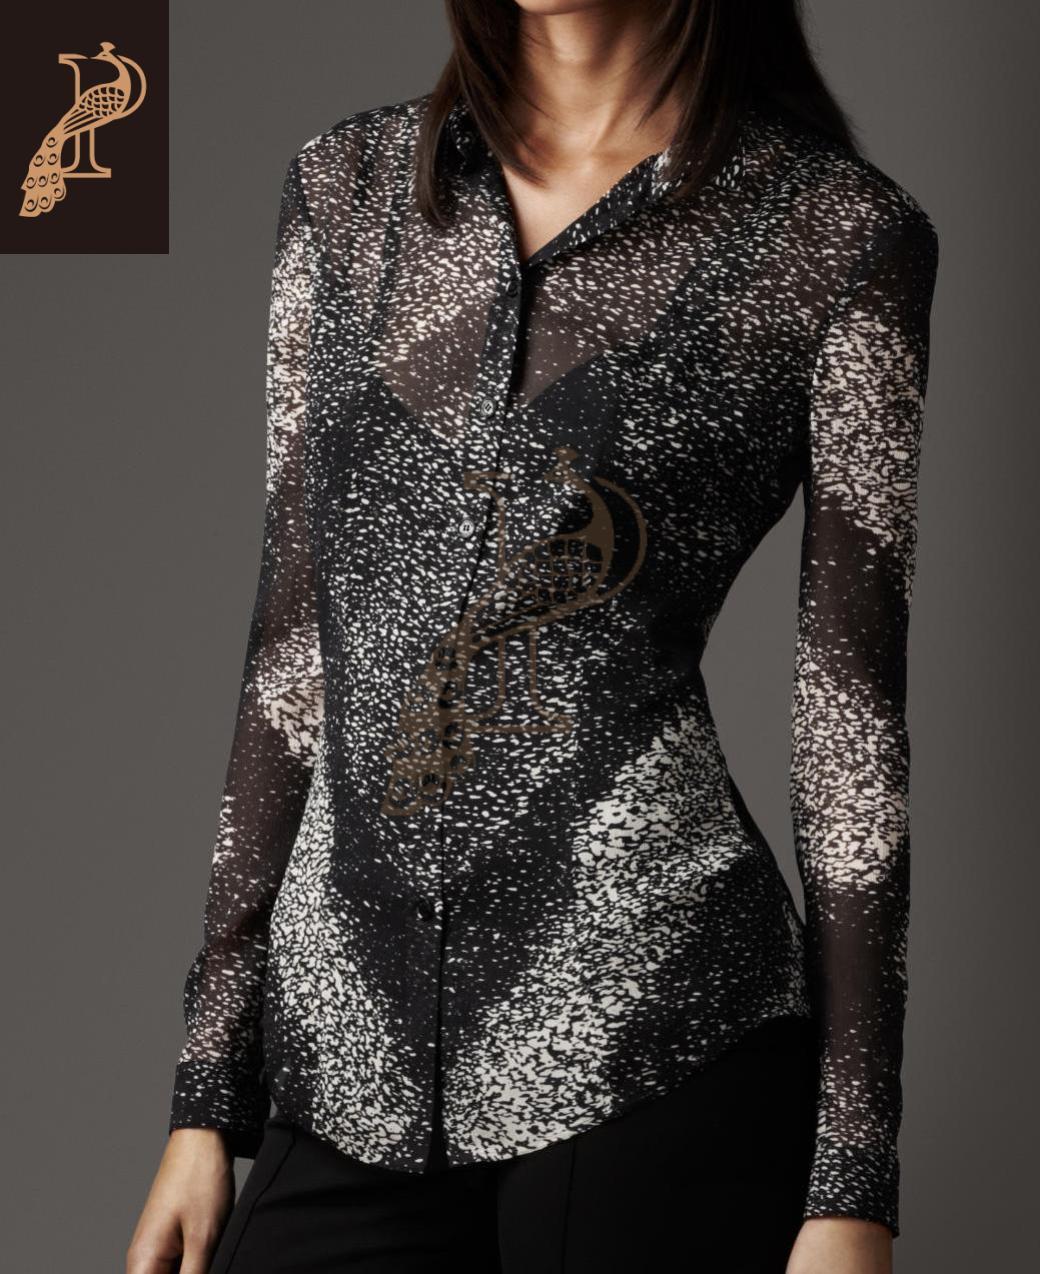 美国代购burberry巴宝莉london女装/长袖衬衫 真丝 印花 38932131